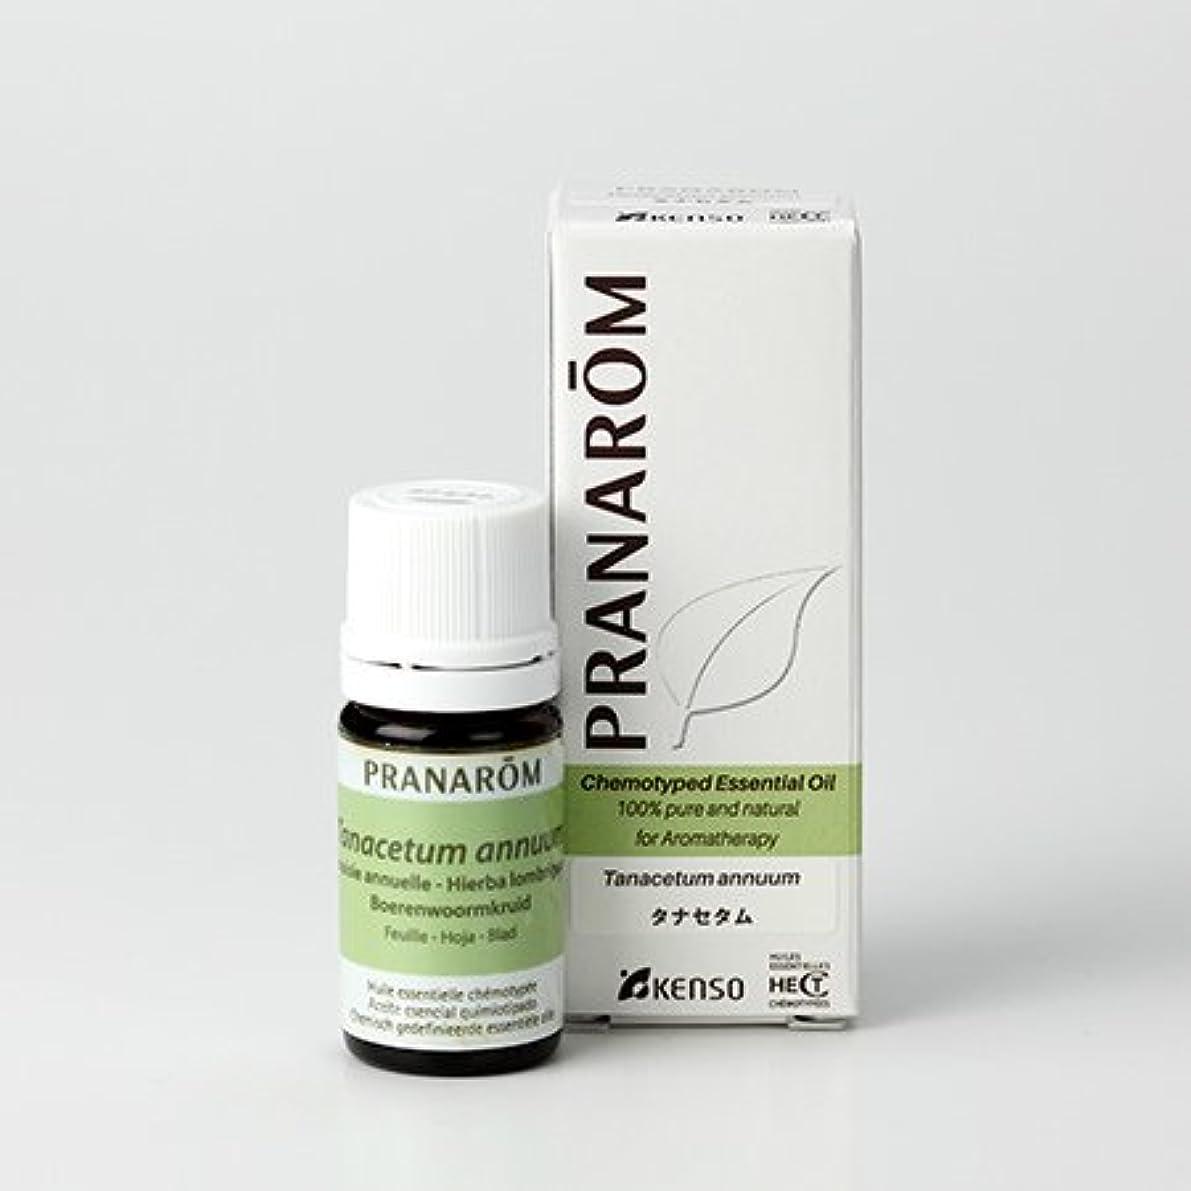 塩辛い白内障咽頭プラナロム タナセタム 5ml (PRANAROM ケモタイプ精油)